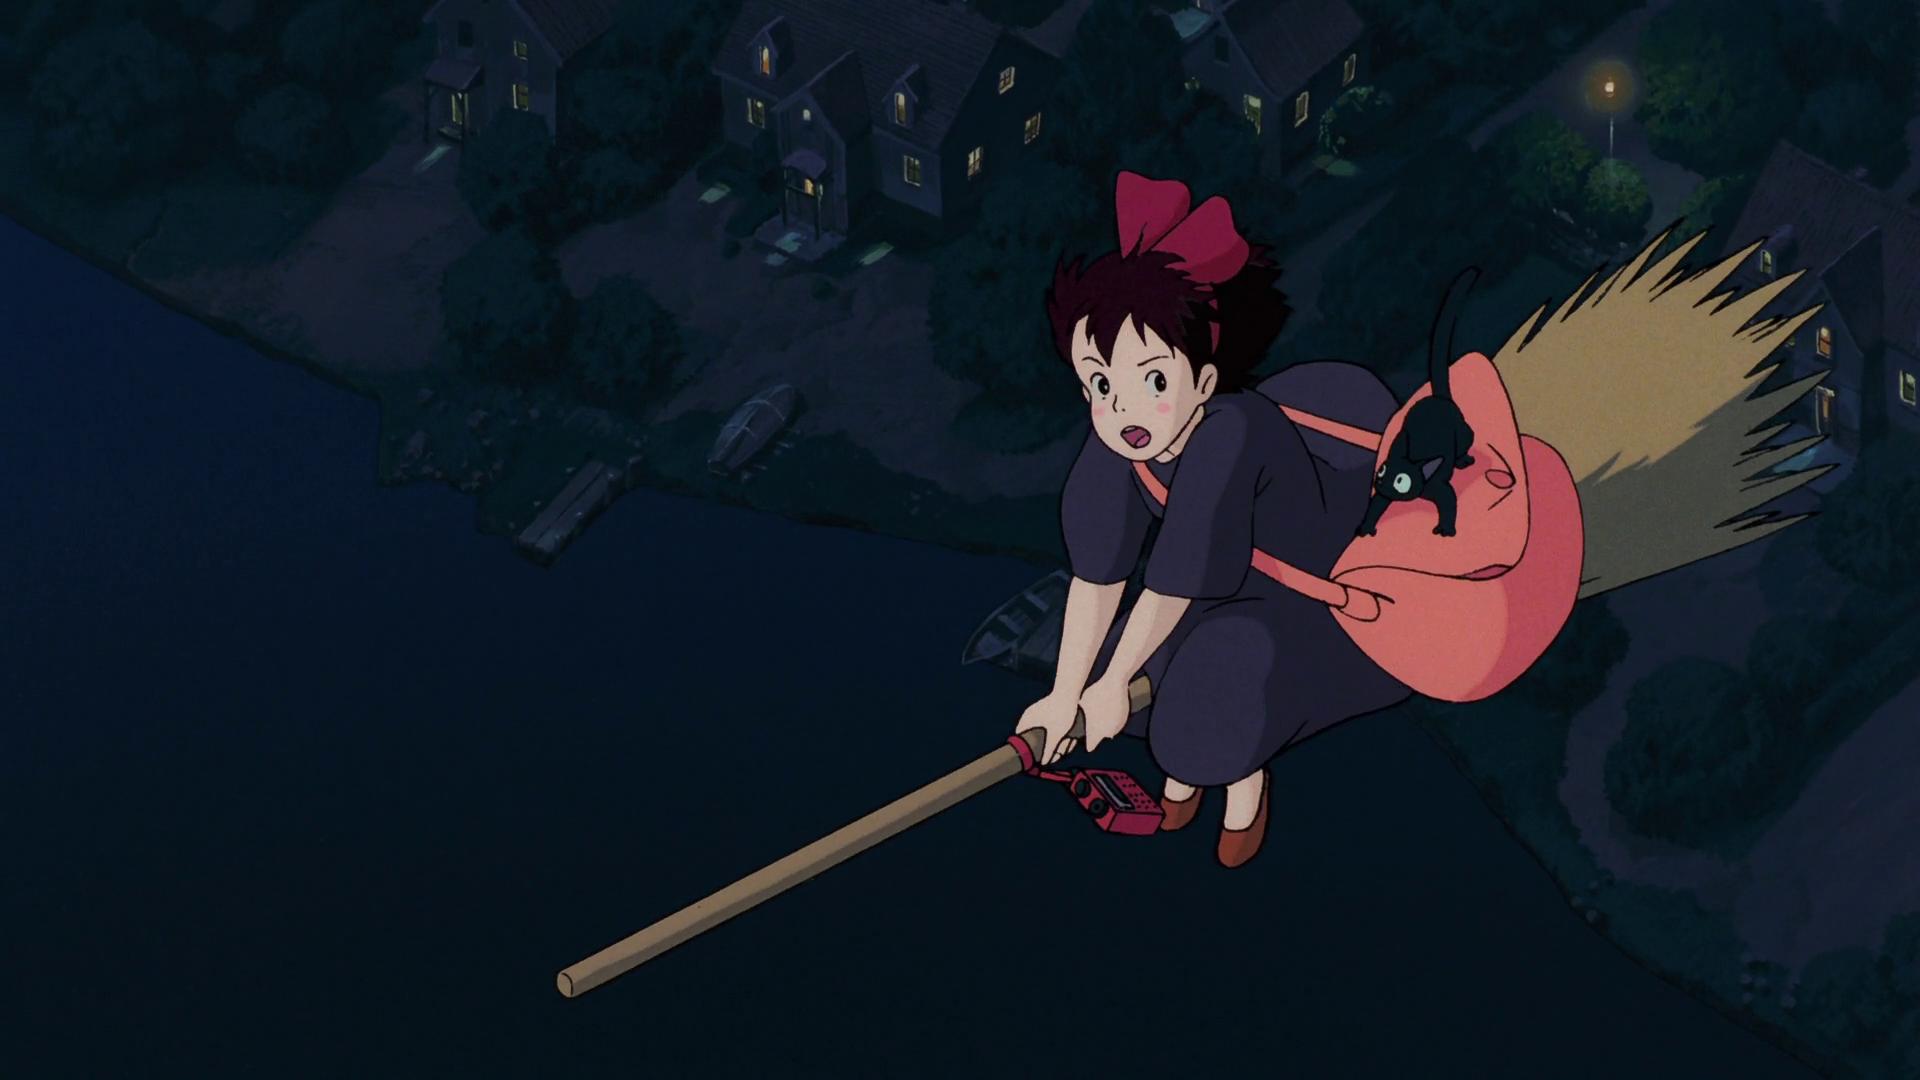 Wallpaper Studio Ghibli Kiki S Delivery Service Anime Film